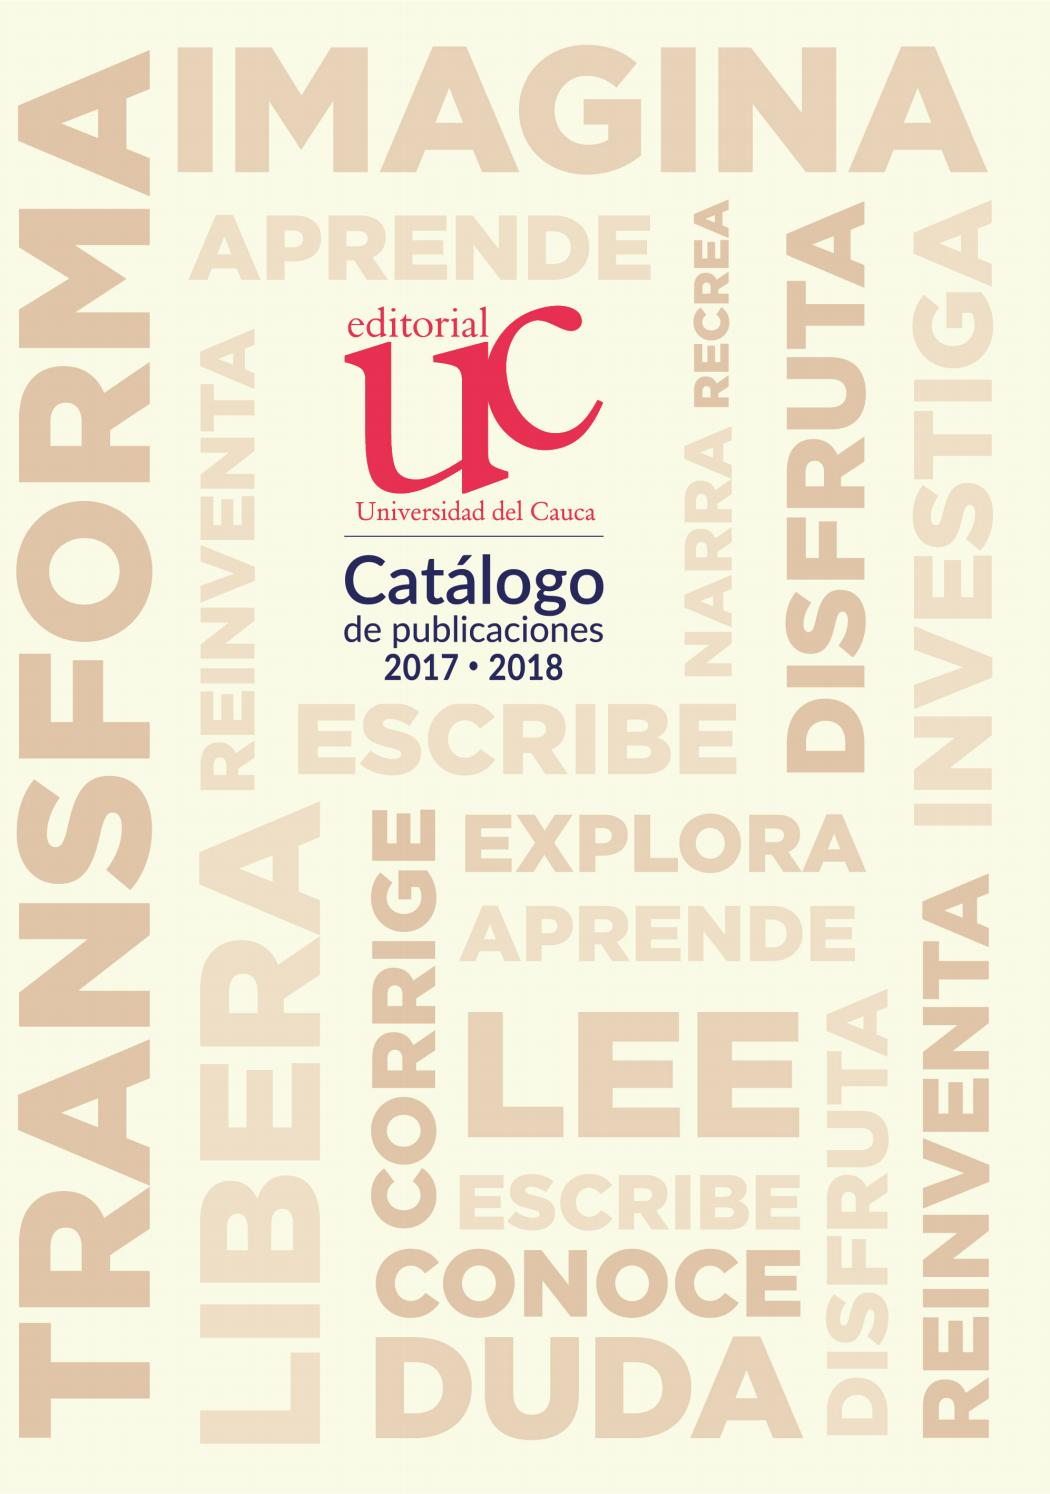 Catálogo de publicaciones Universidad del Cauca 2017-2018 by ...